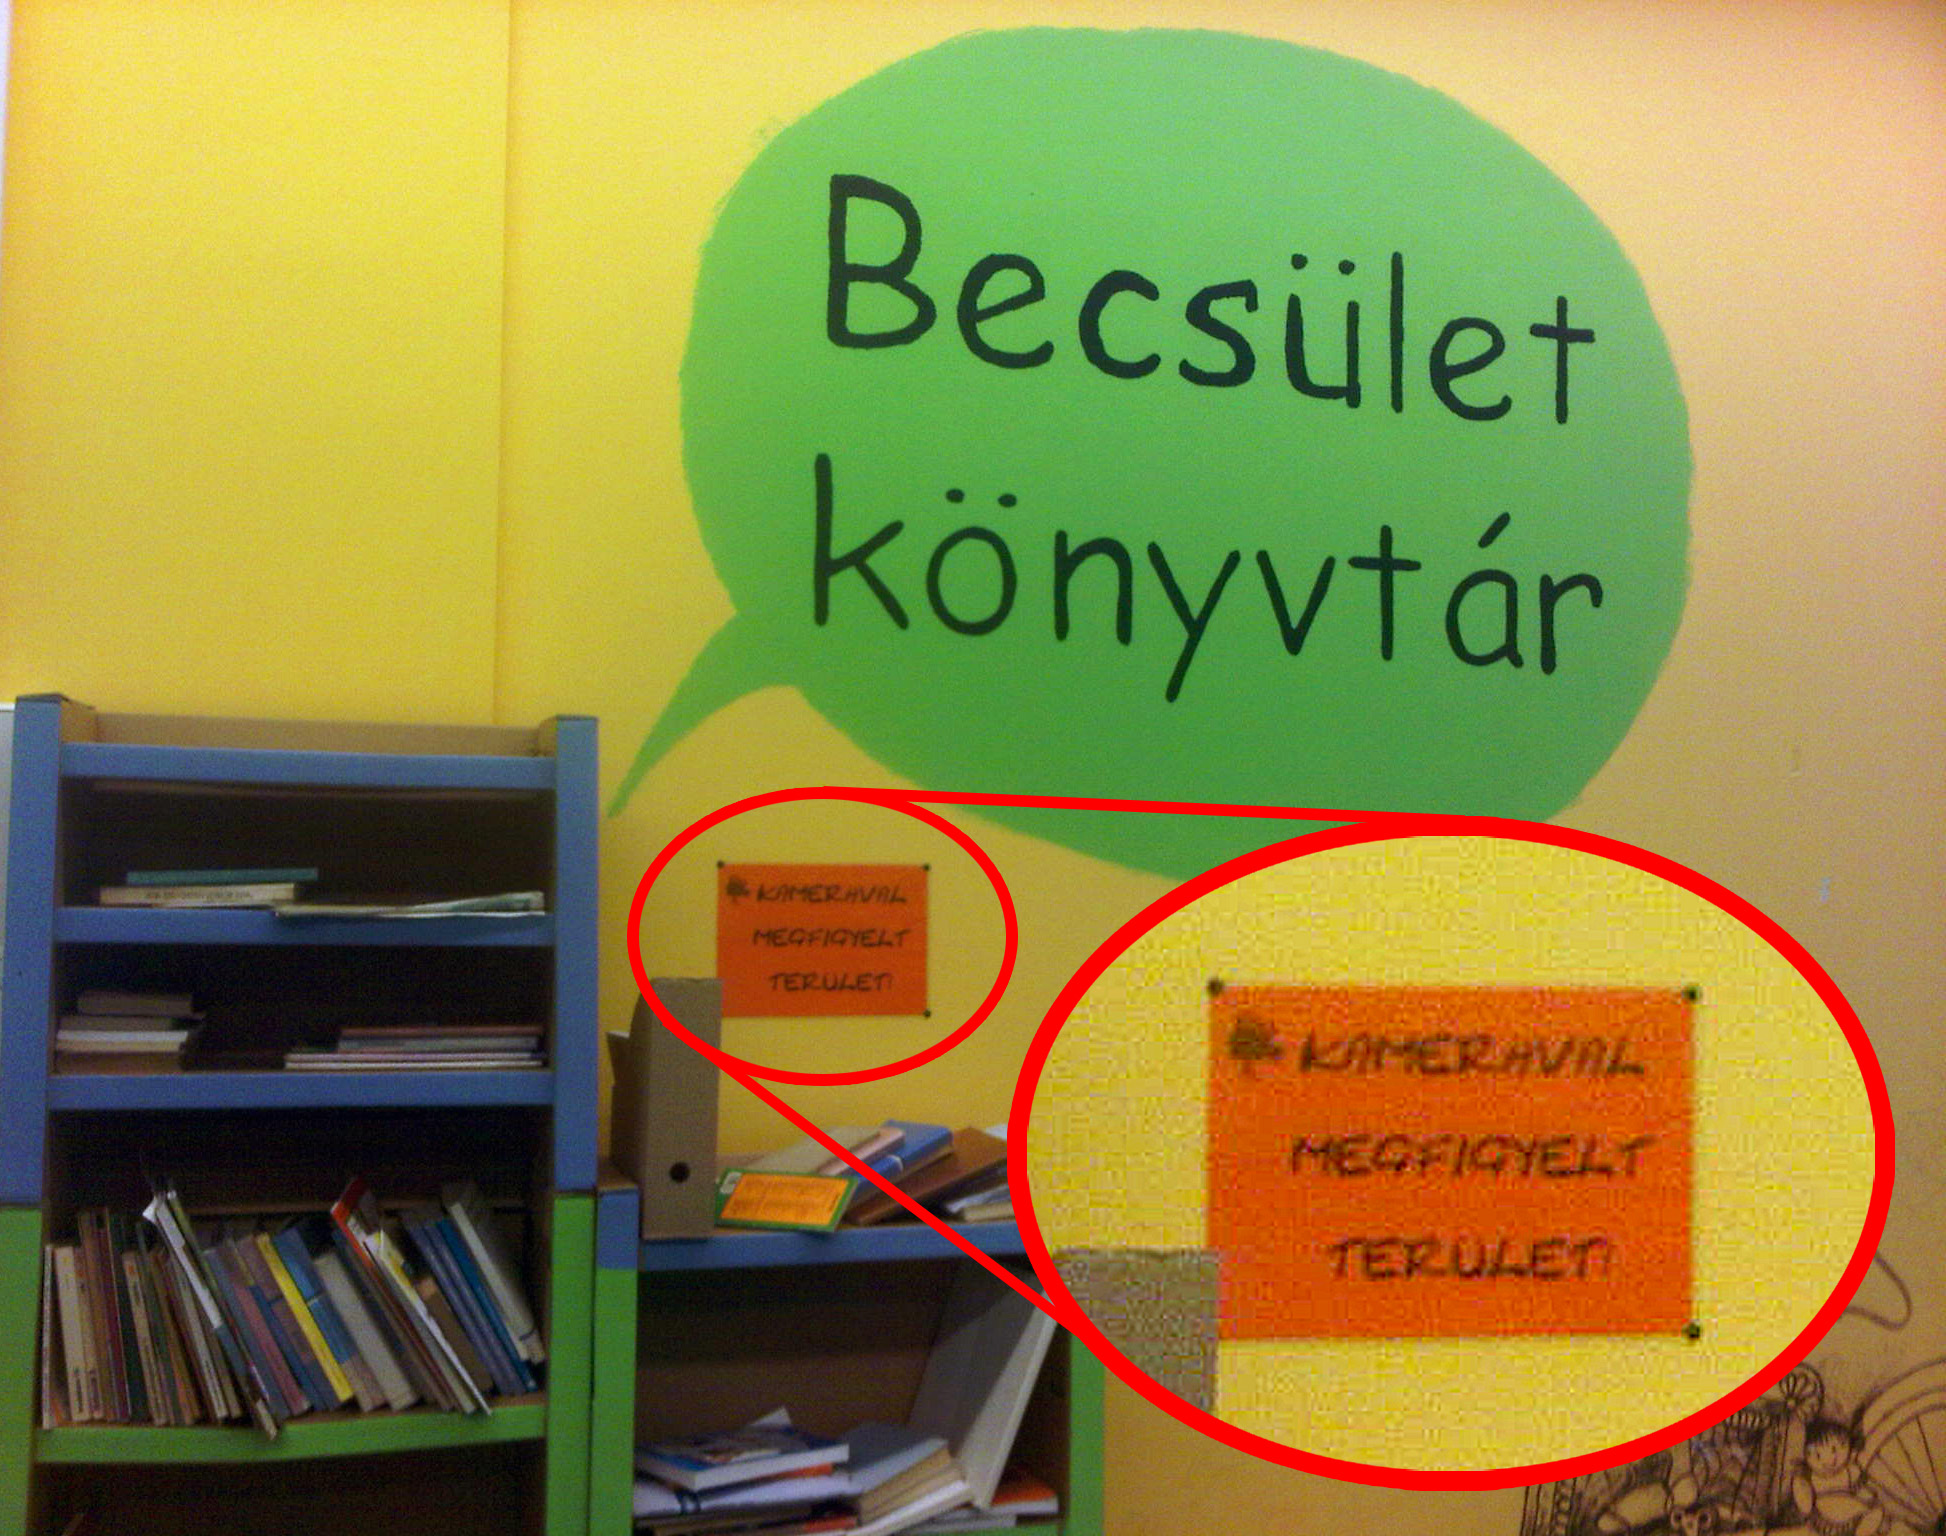 Becsület könyvtár.jpg